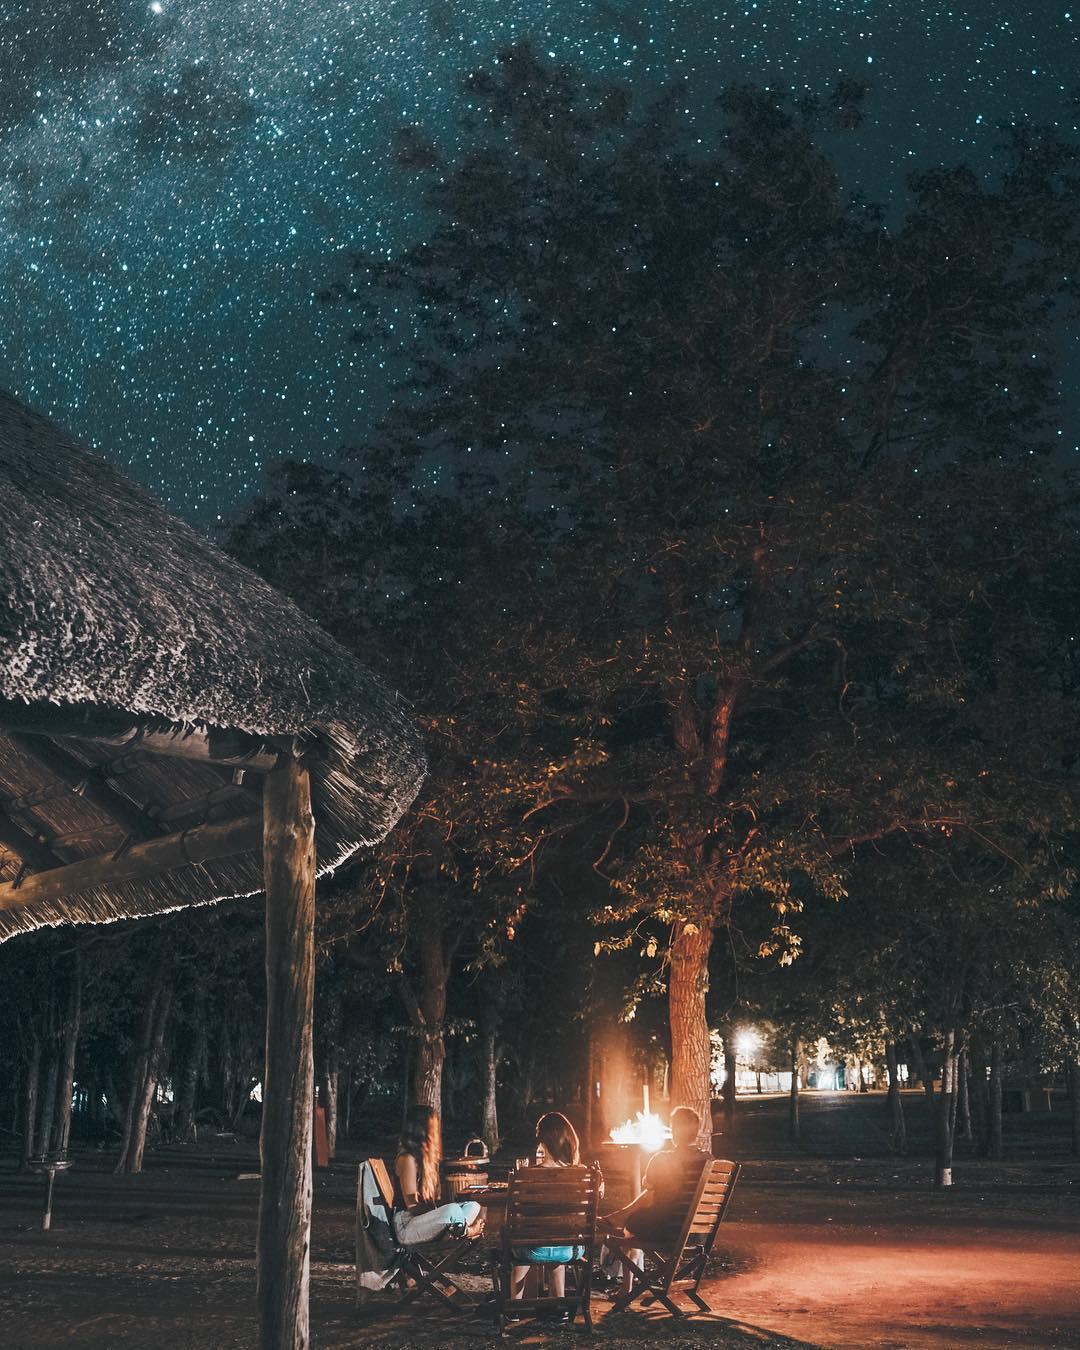 sa romantic places